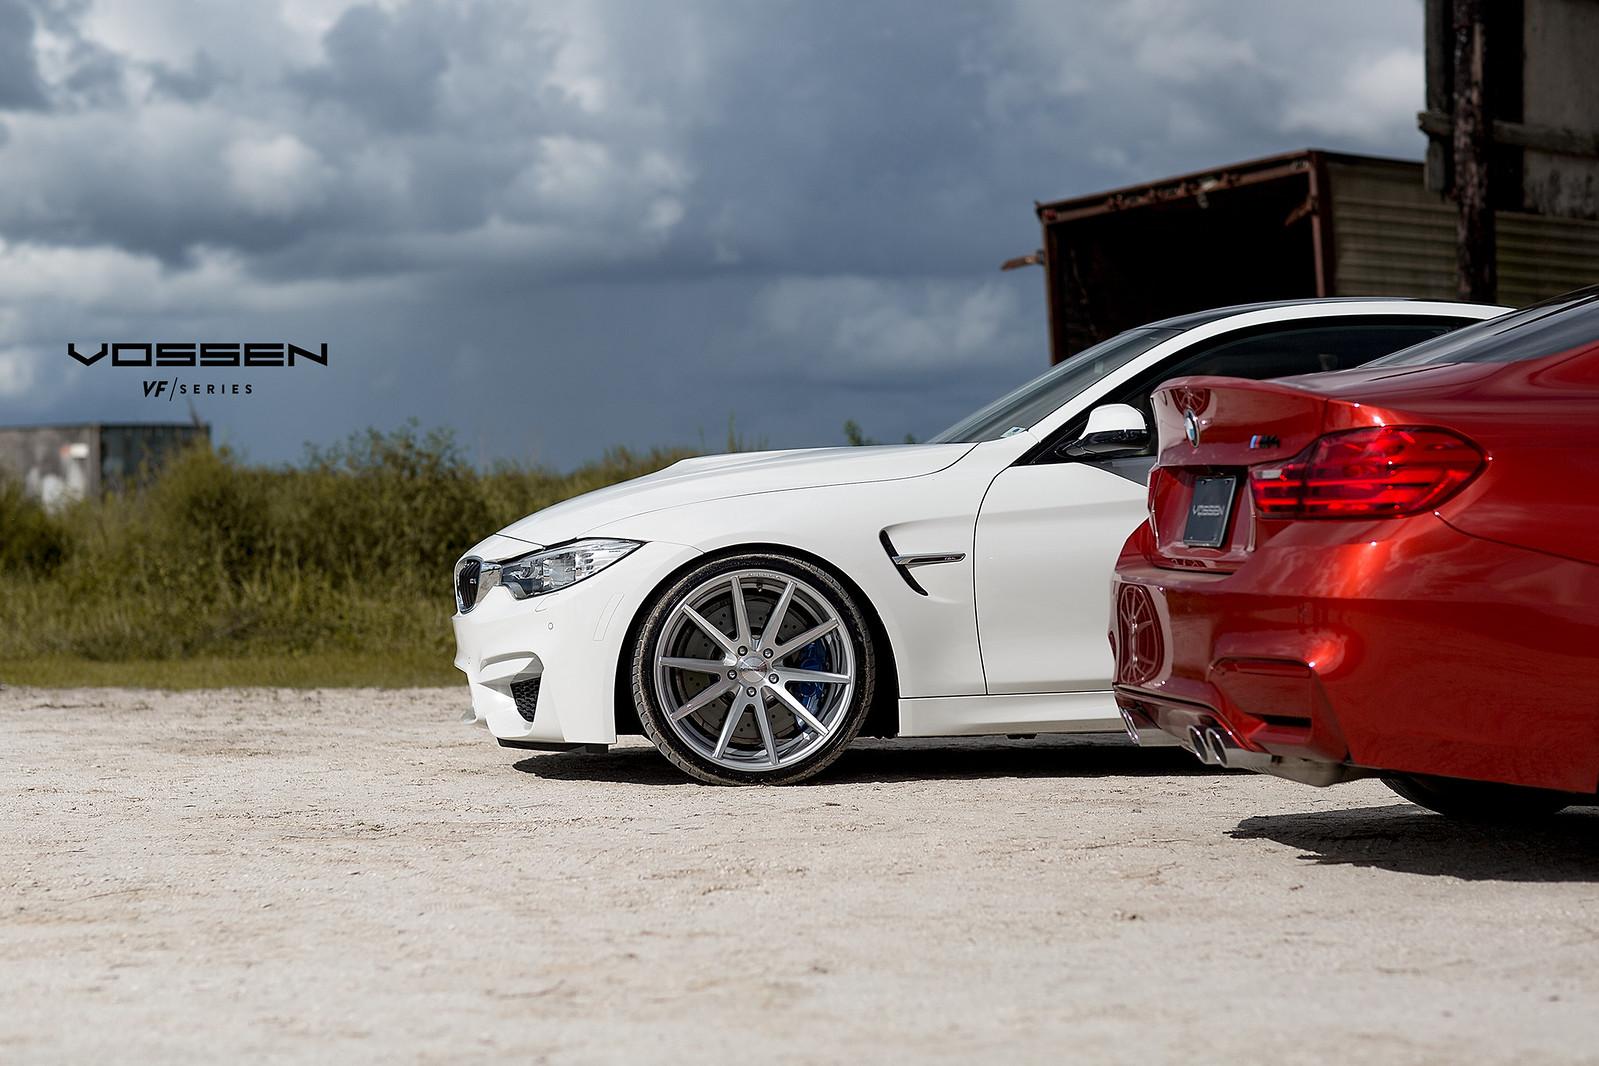 BMW M4 on Vossen wheels